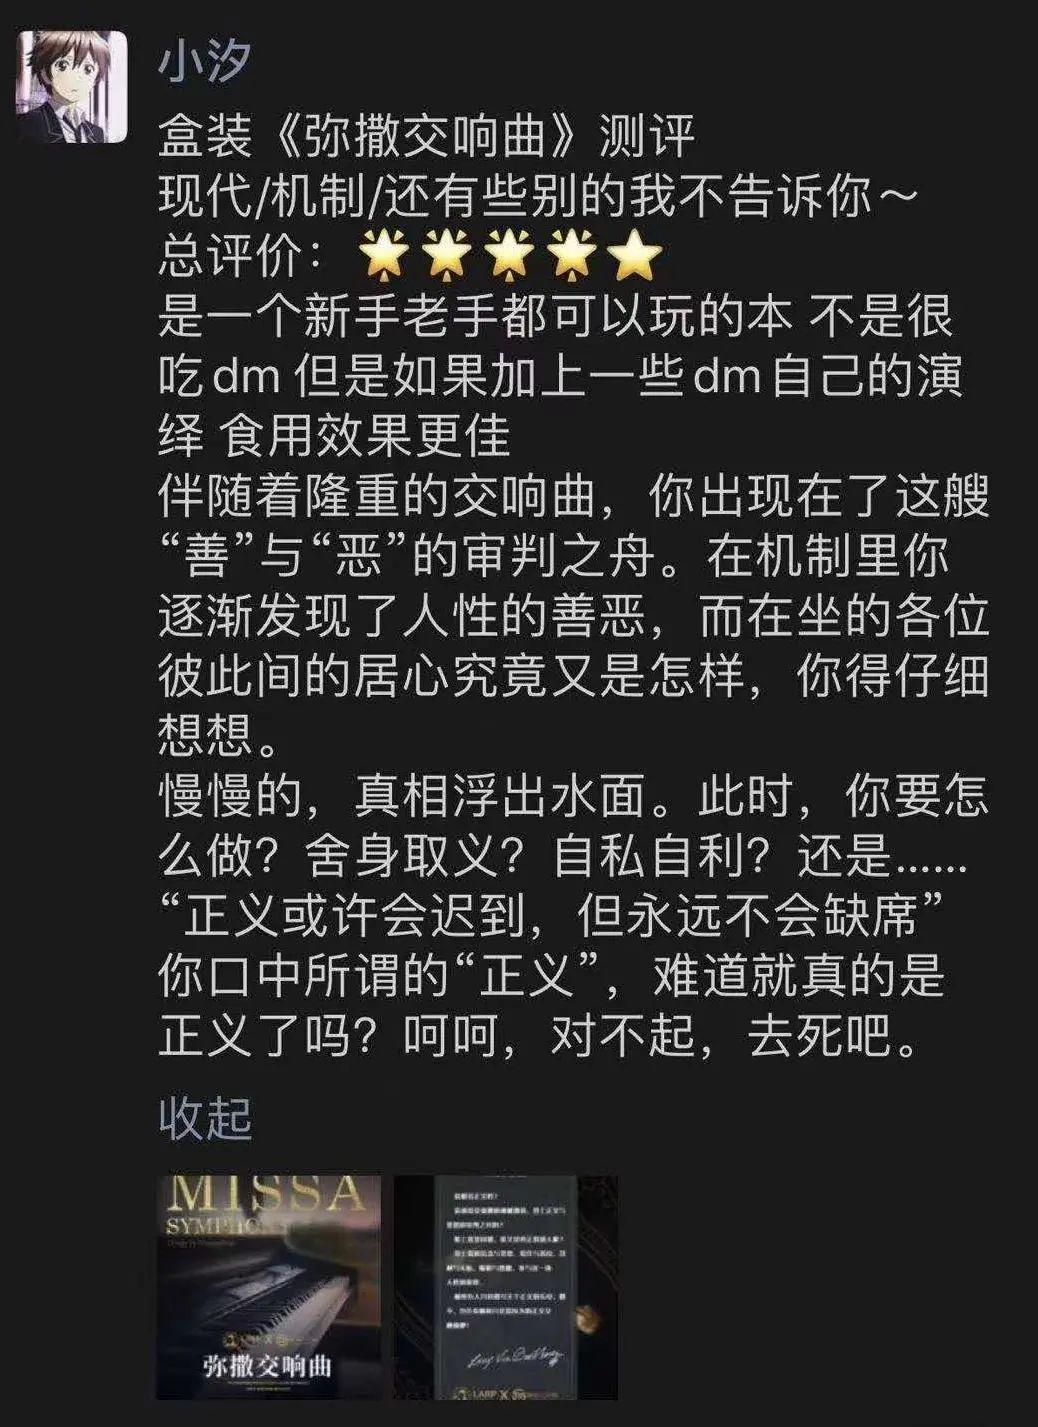 《弥撒交响曲》剧本凶手杀人动机线索推理真相复盘%-site_name